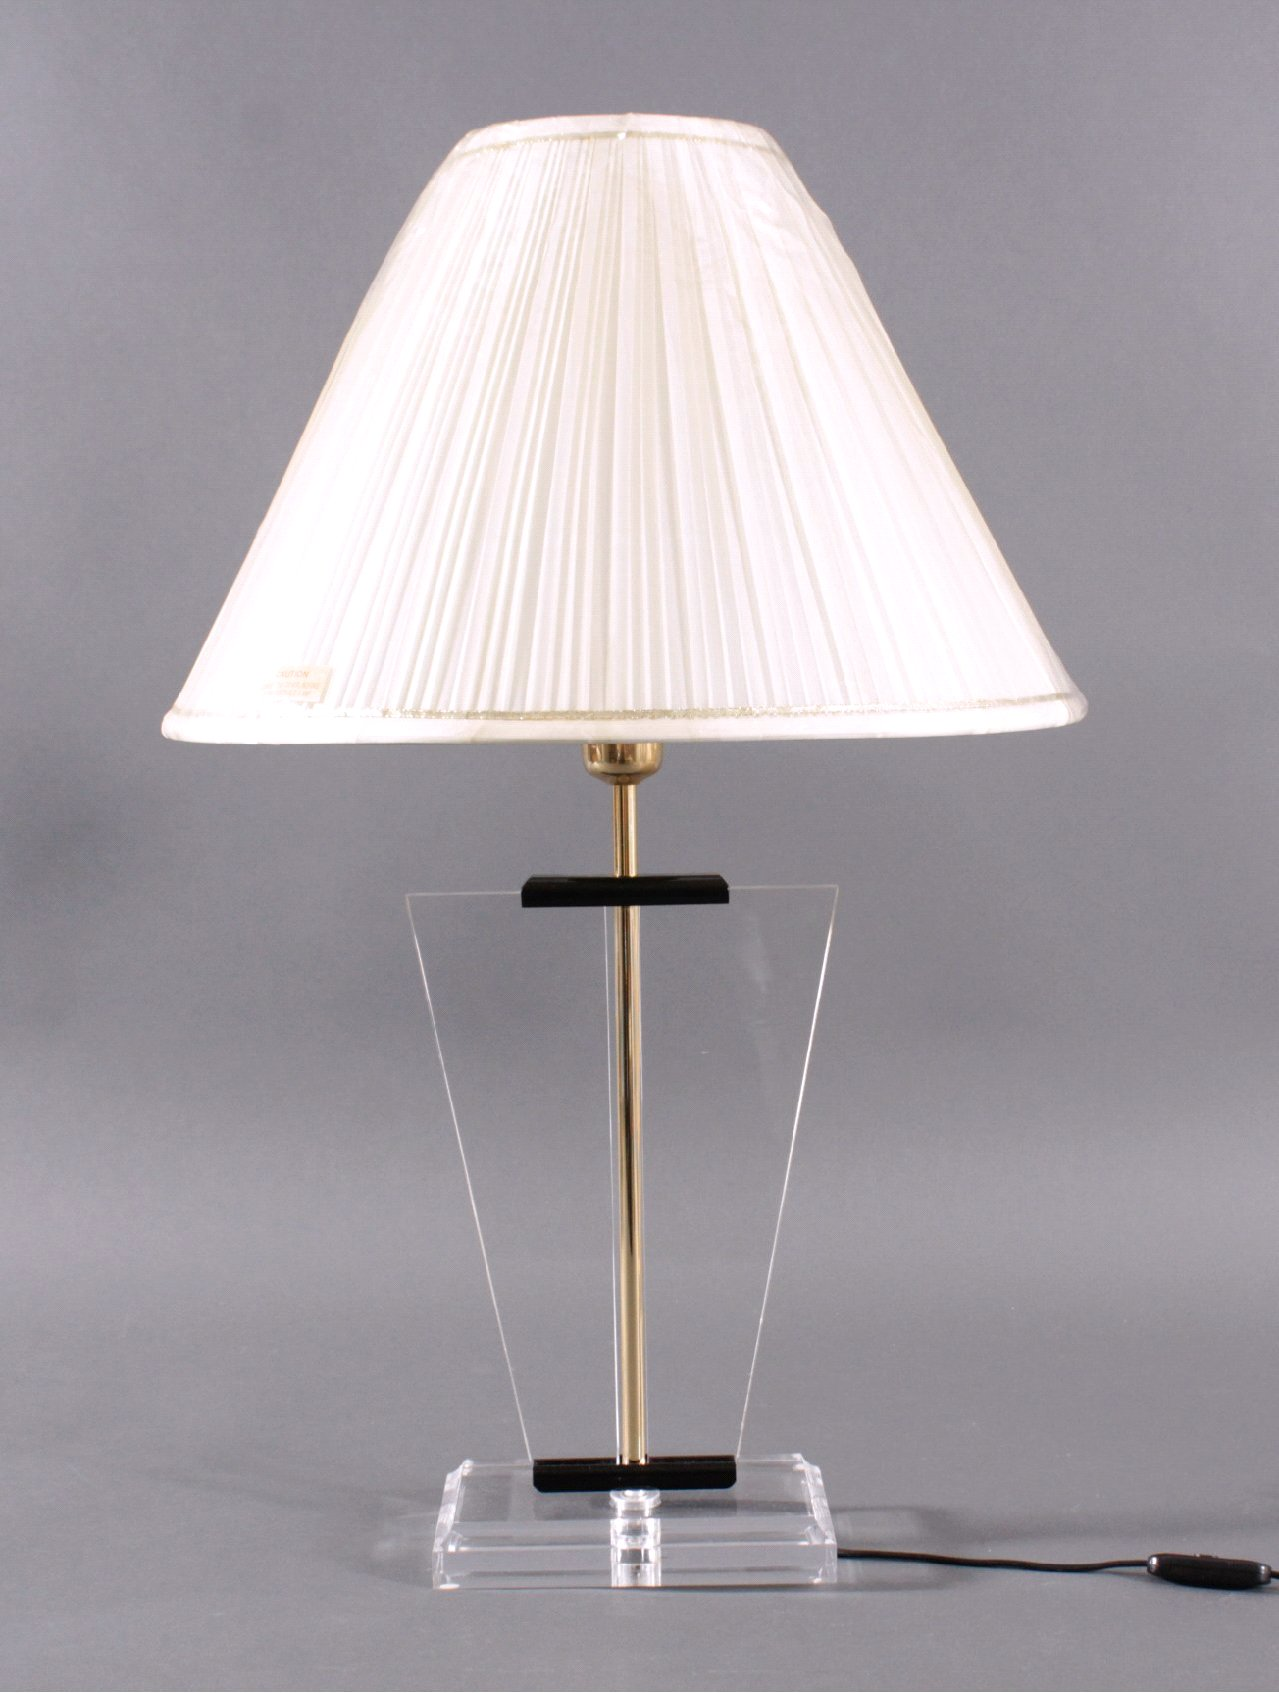 Tischlampe wohl 70er Jahre